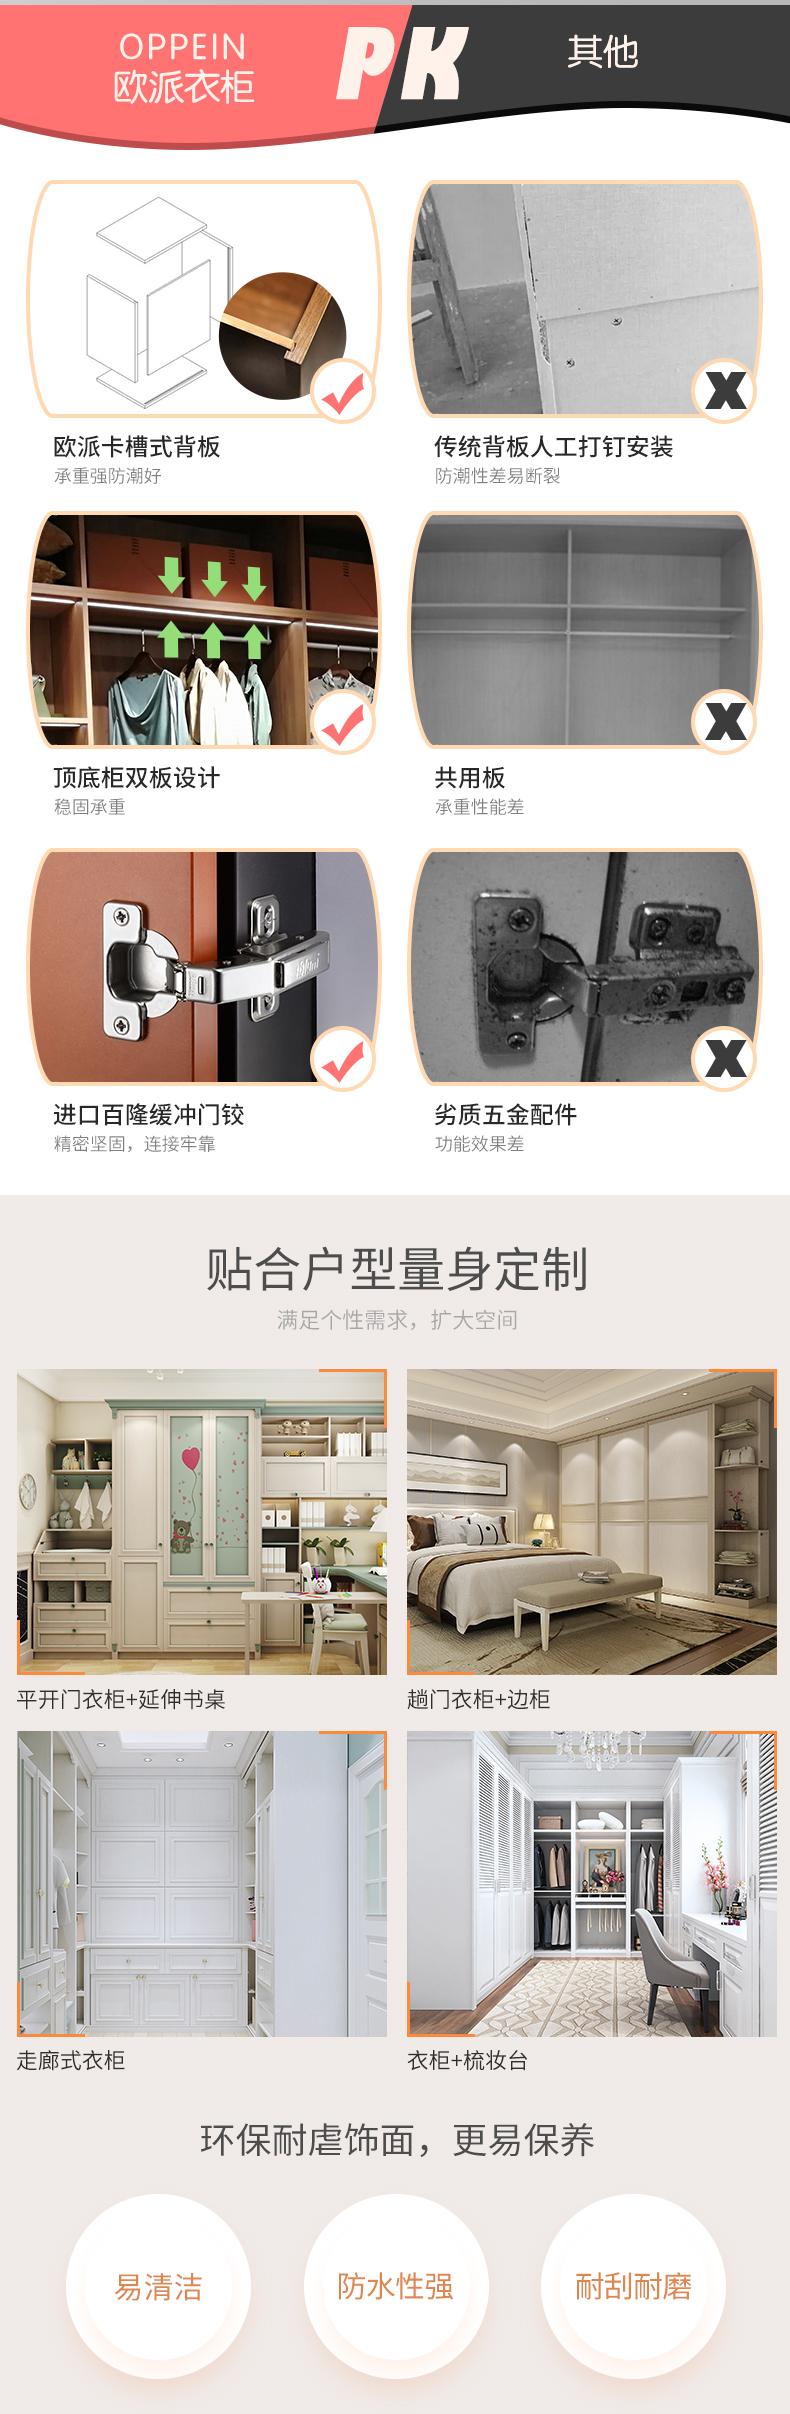 现代普及衣柜单㎡详情页_05.jpg